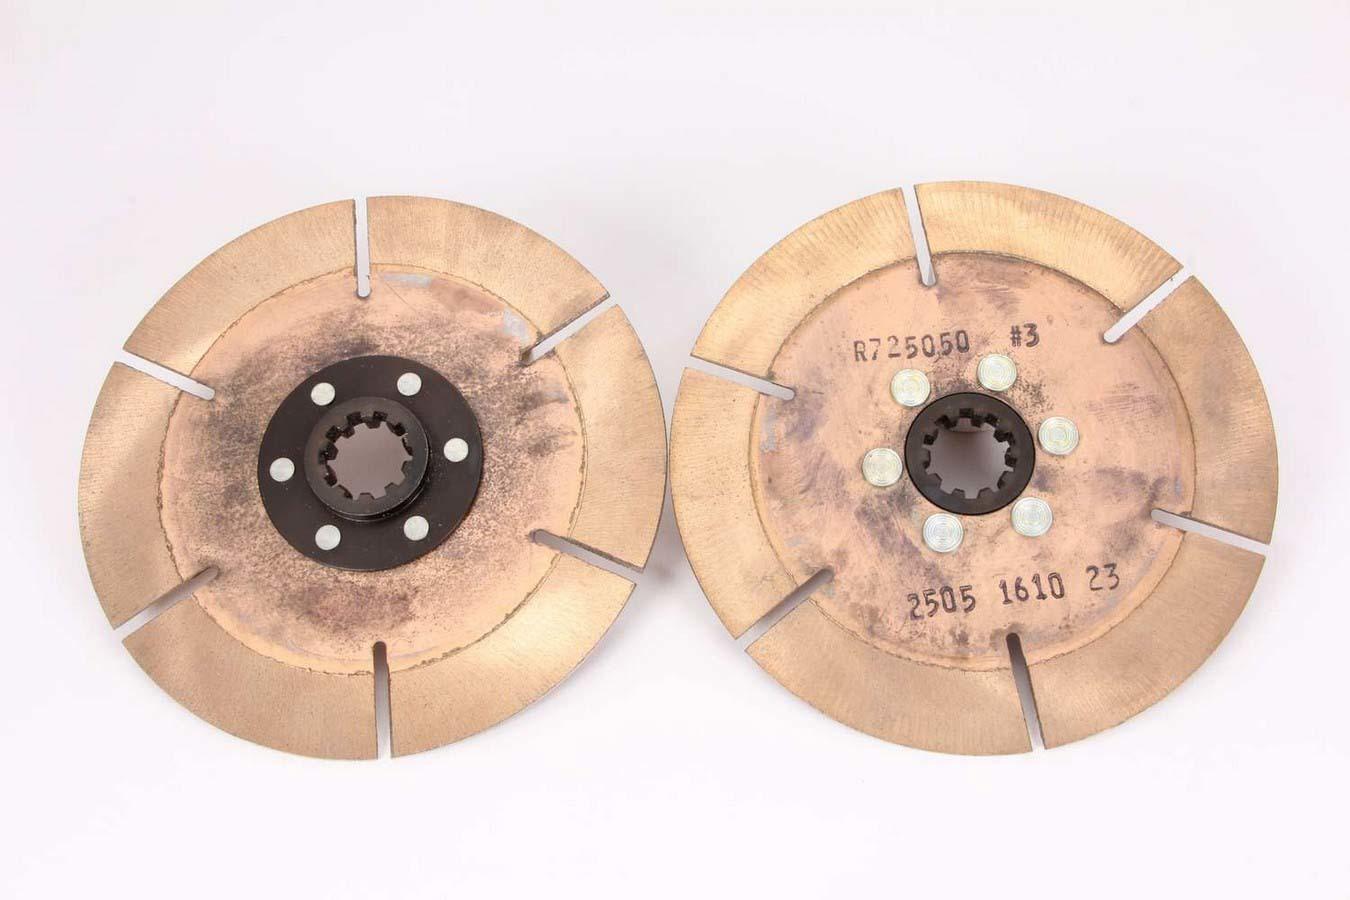 Clutch Pack 7.25in 2 Disc 10 Spline